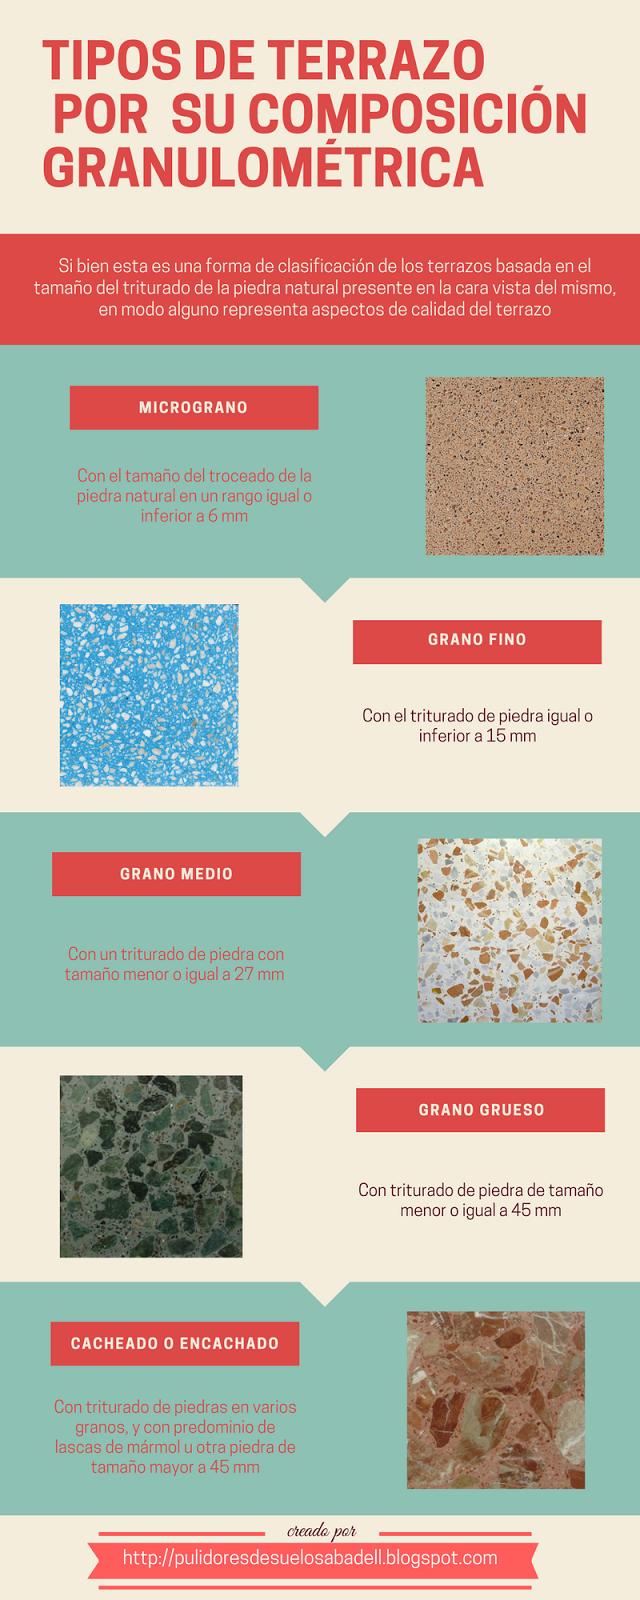 Pulido y abrillantado de suelos pulidores de suelos en for Clasificacion del marmol